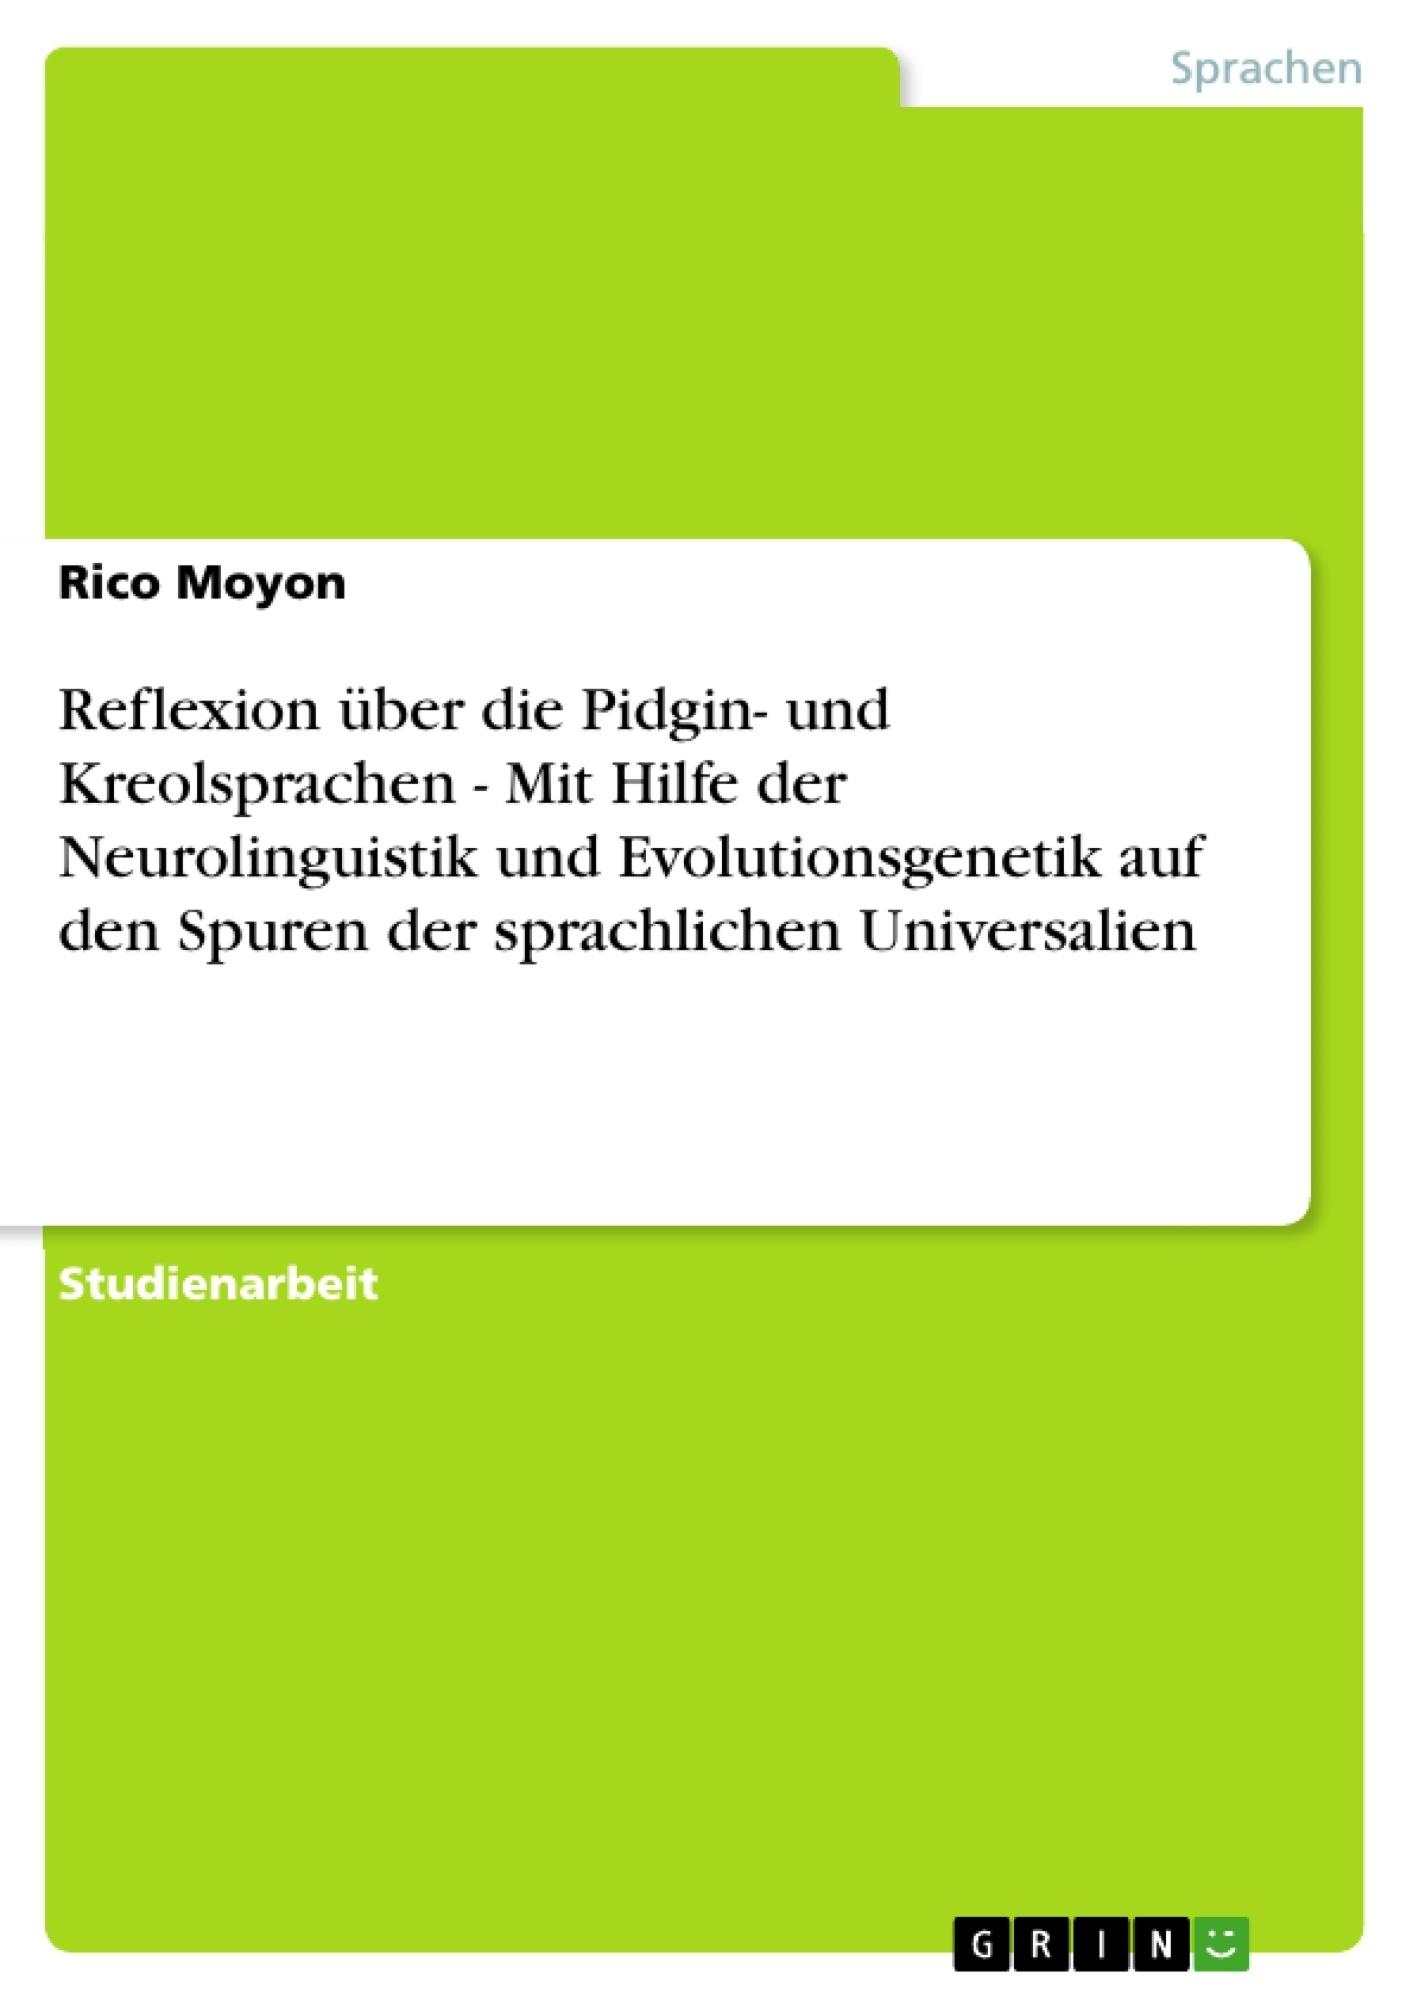 Titel: Reflexion über die Pidgin- und Kreolsprachen - Mit Hilfe der Neurolinguistik und Evolutionsgenetik auf den Spuren der sprachlichen Universalien